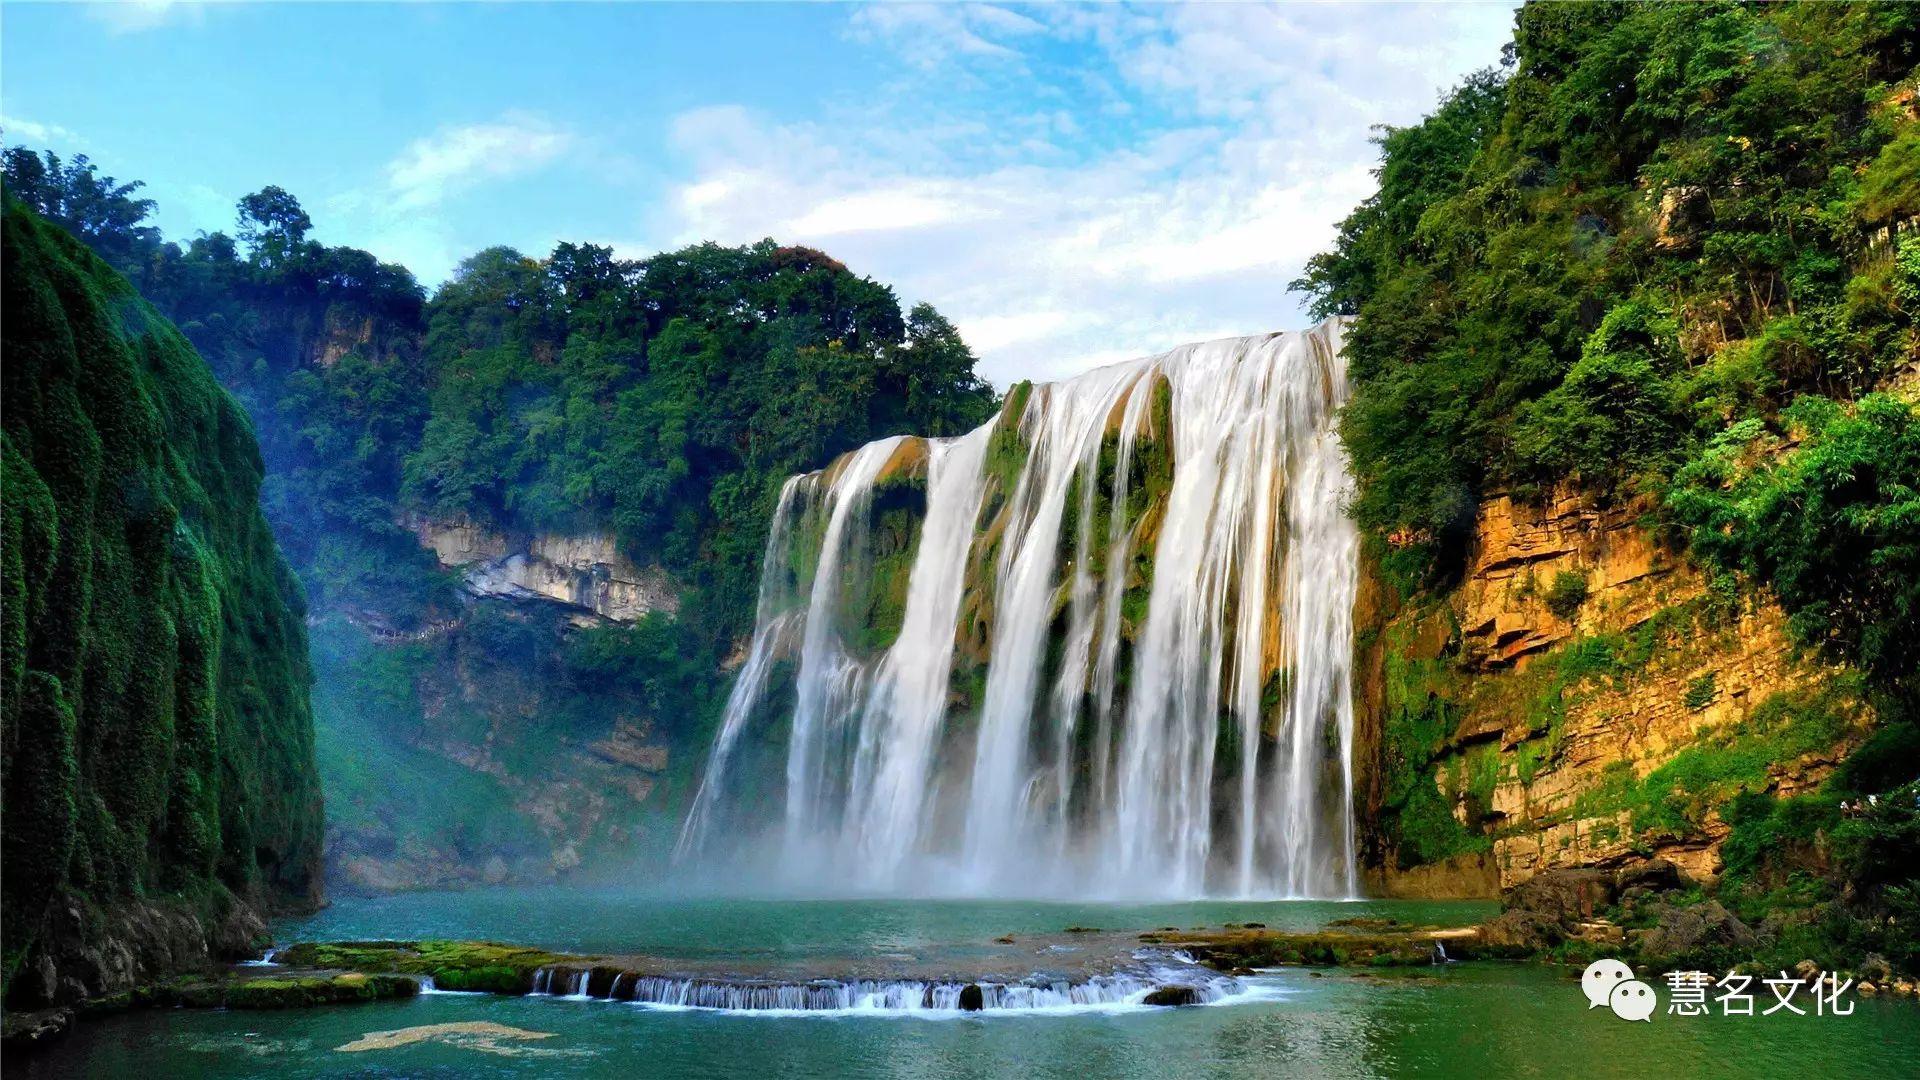 中国人姓名有地域特点:北方比南方略显刚强——瀑布